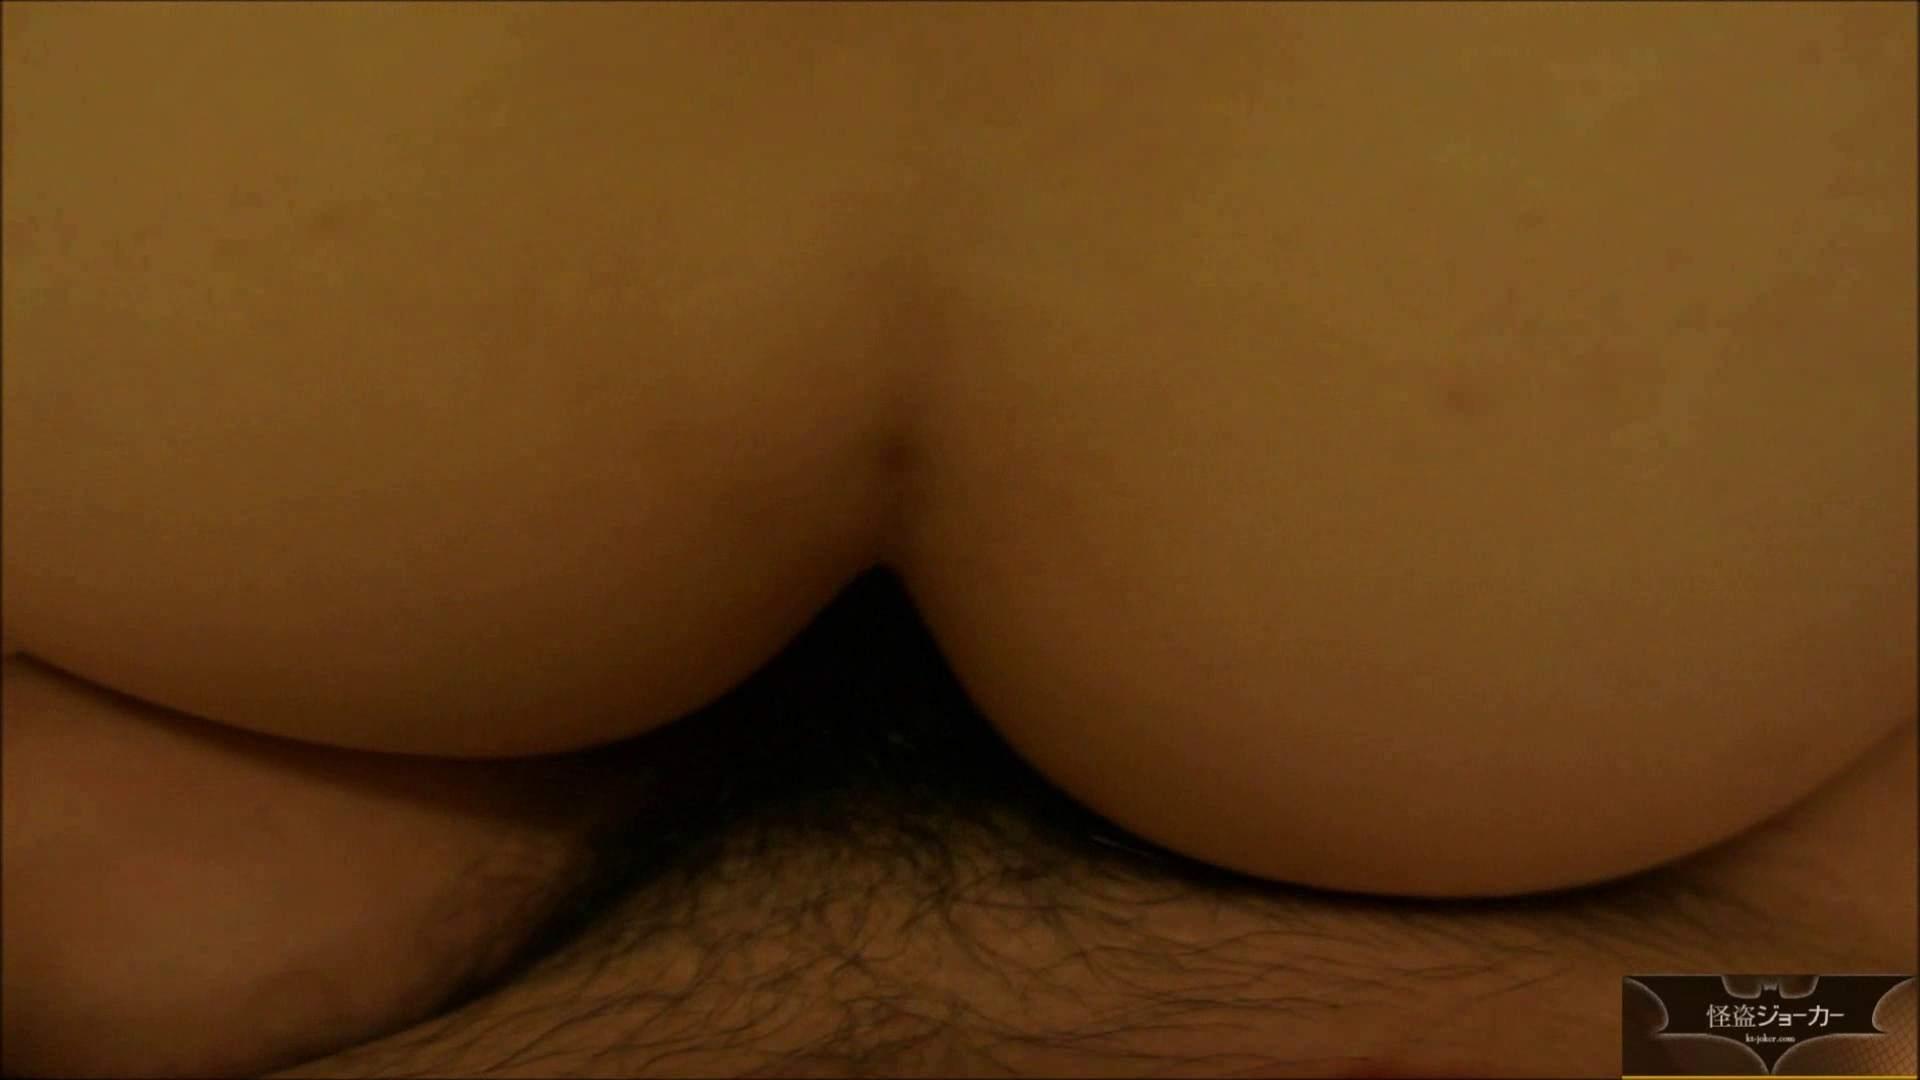 【未公開】vol.36 【援助】鏡越しの朋葉を見ながら・・・ セックス おまんこ動画流出 88枚 54